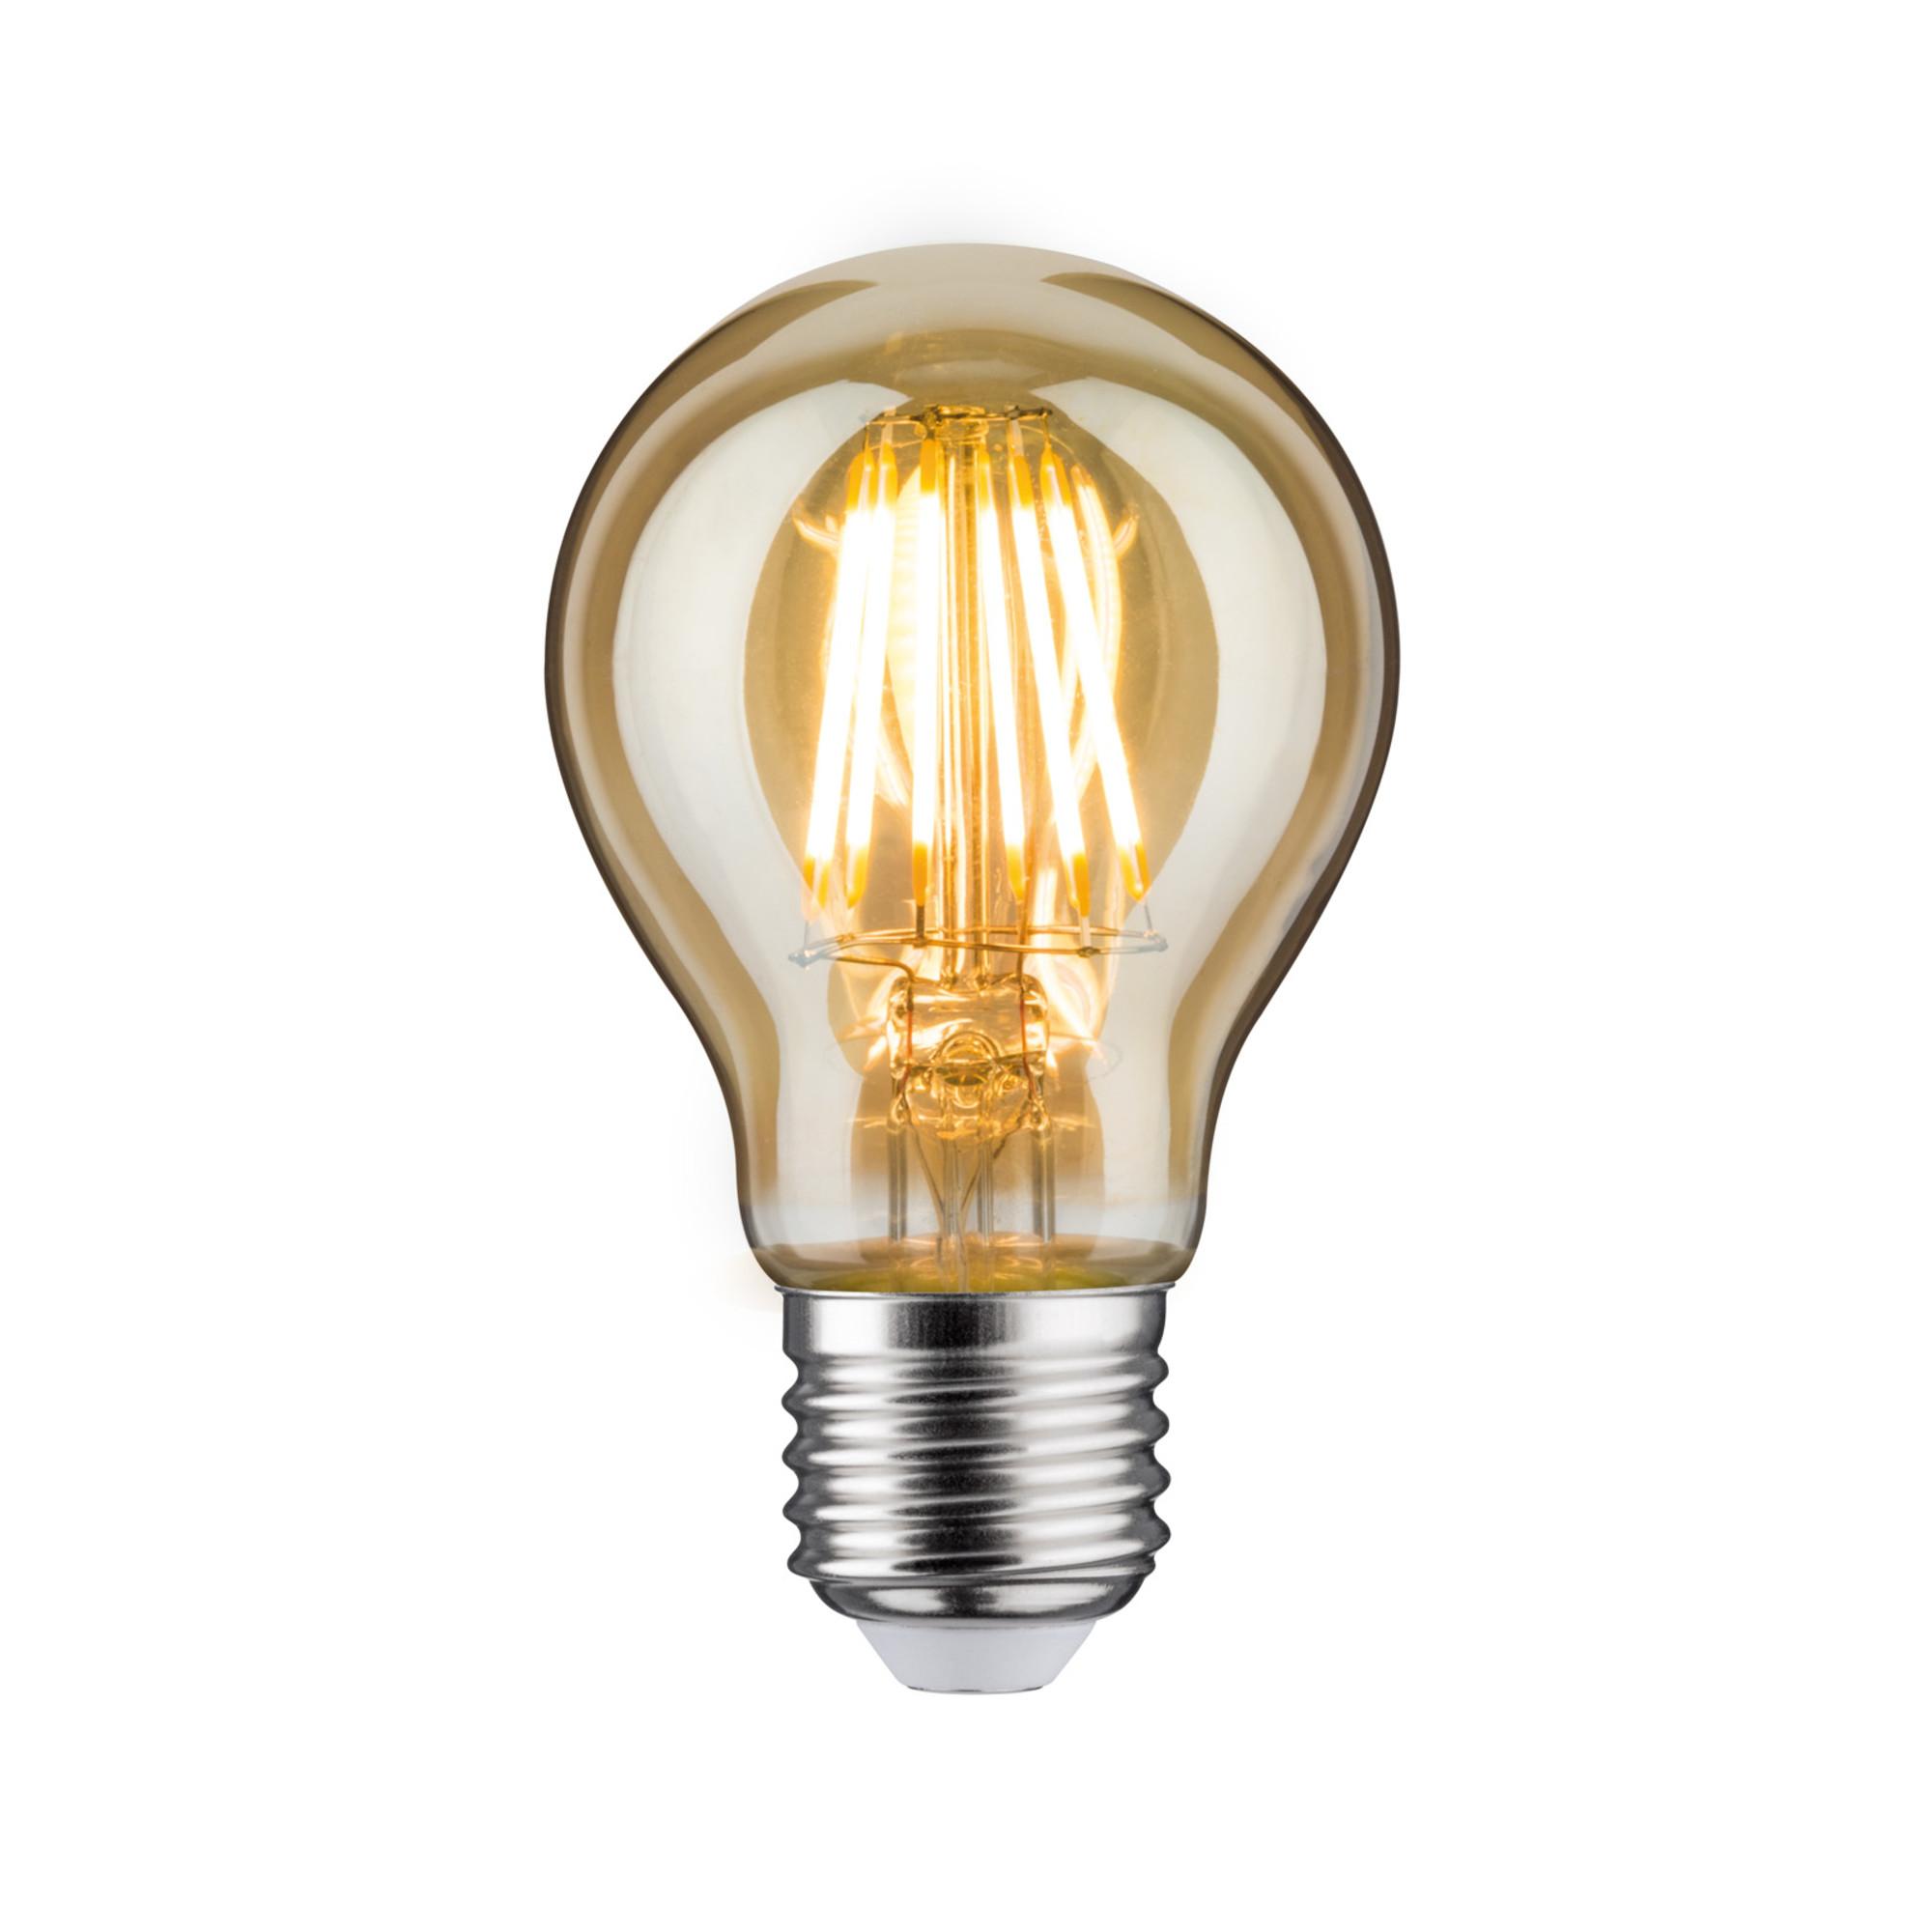 Лампа филаментная Paulmann Общего назначения 7.5Вт 550лм 2500К E27 230В Золото 28373.